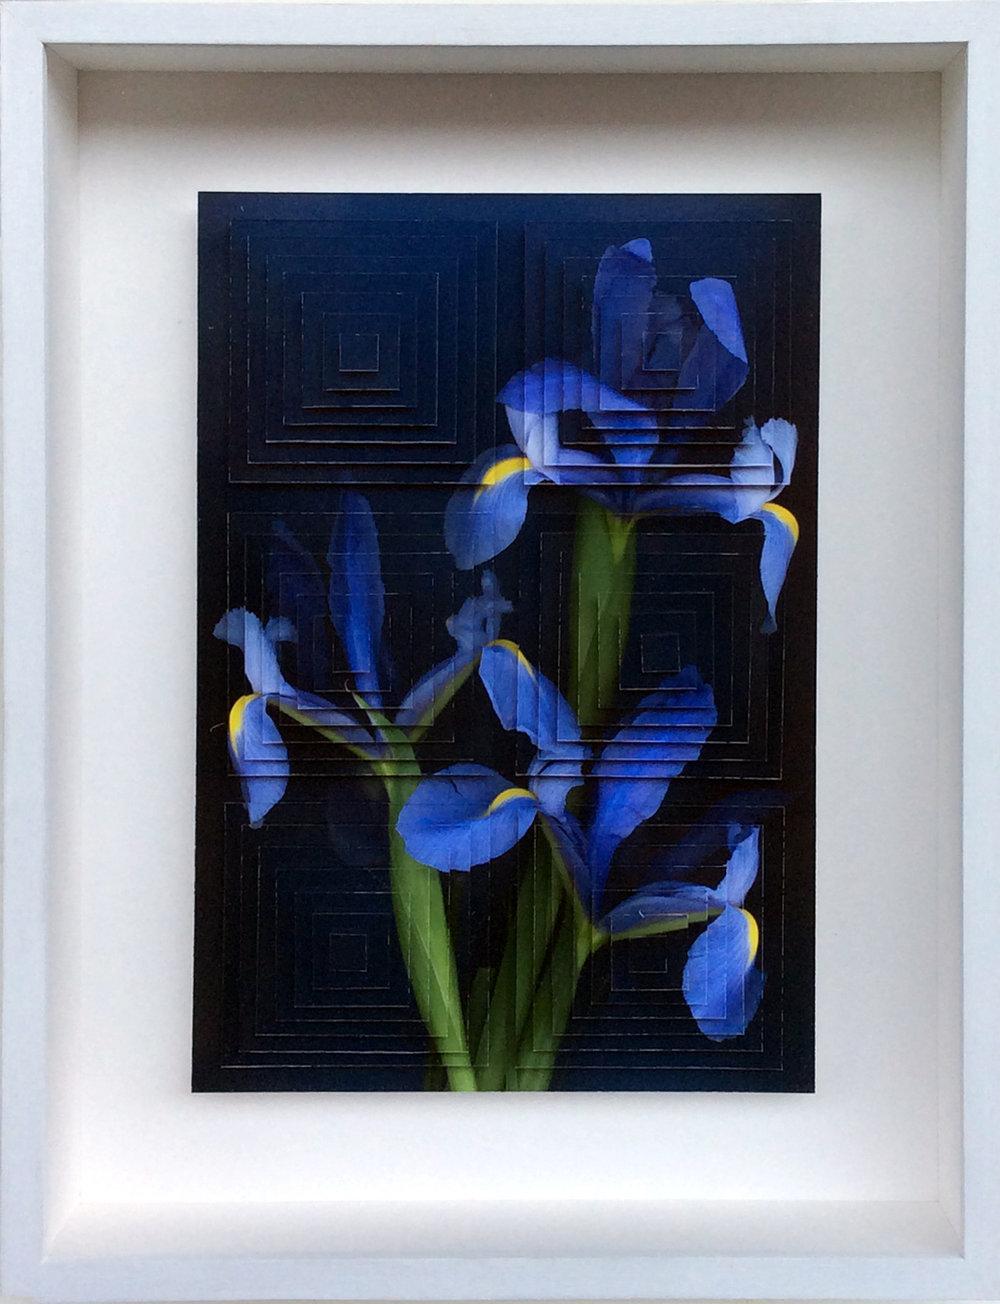 3. Galleria-l'Affiche_Alfred-Drago-Rens_Fiore (9)_2015 - 33,2x25,7 cm.jpg